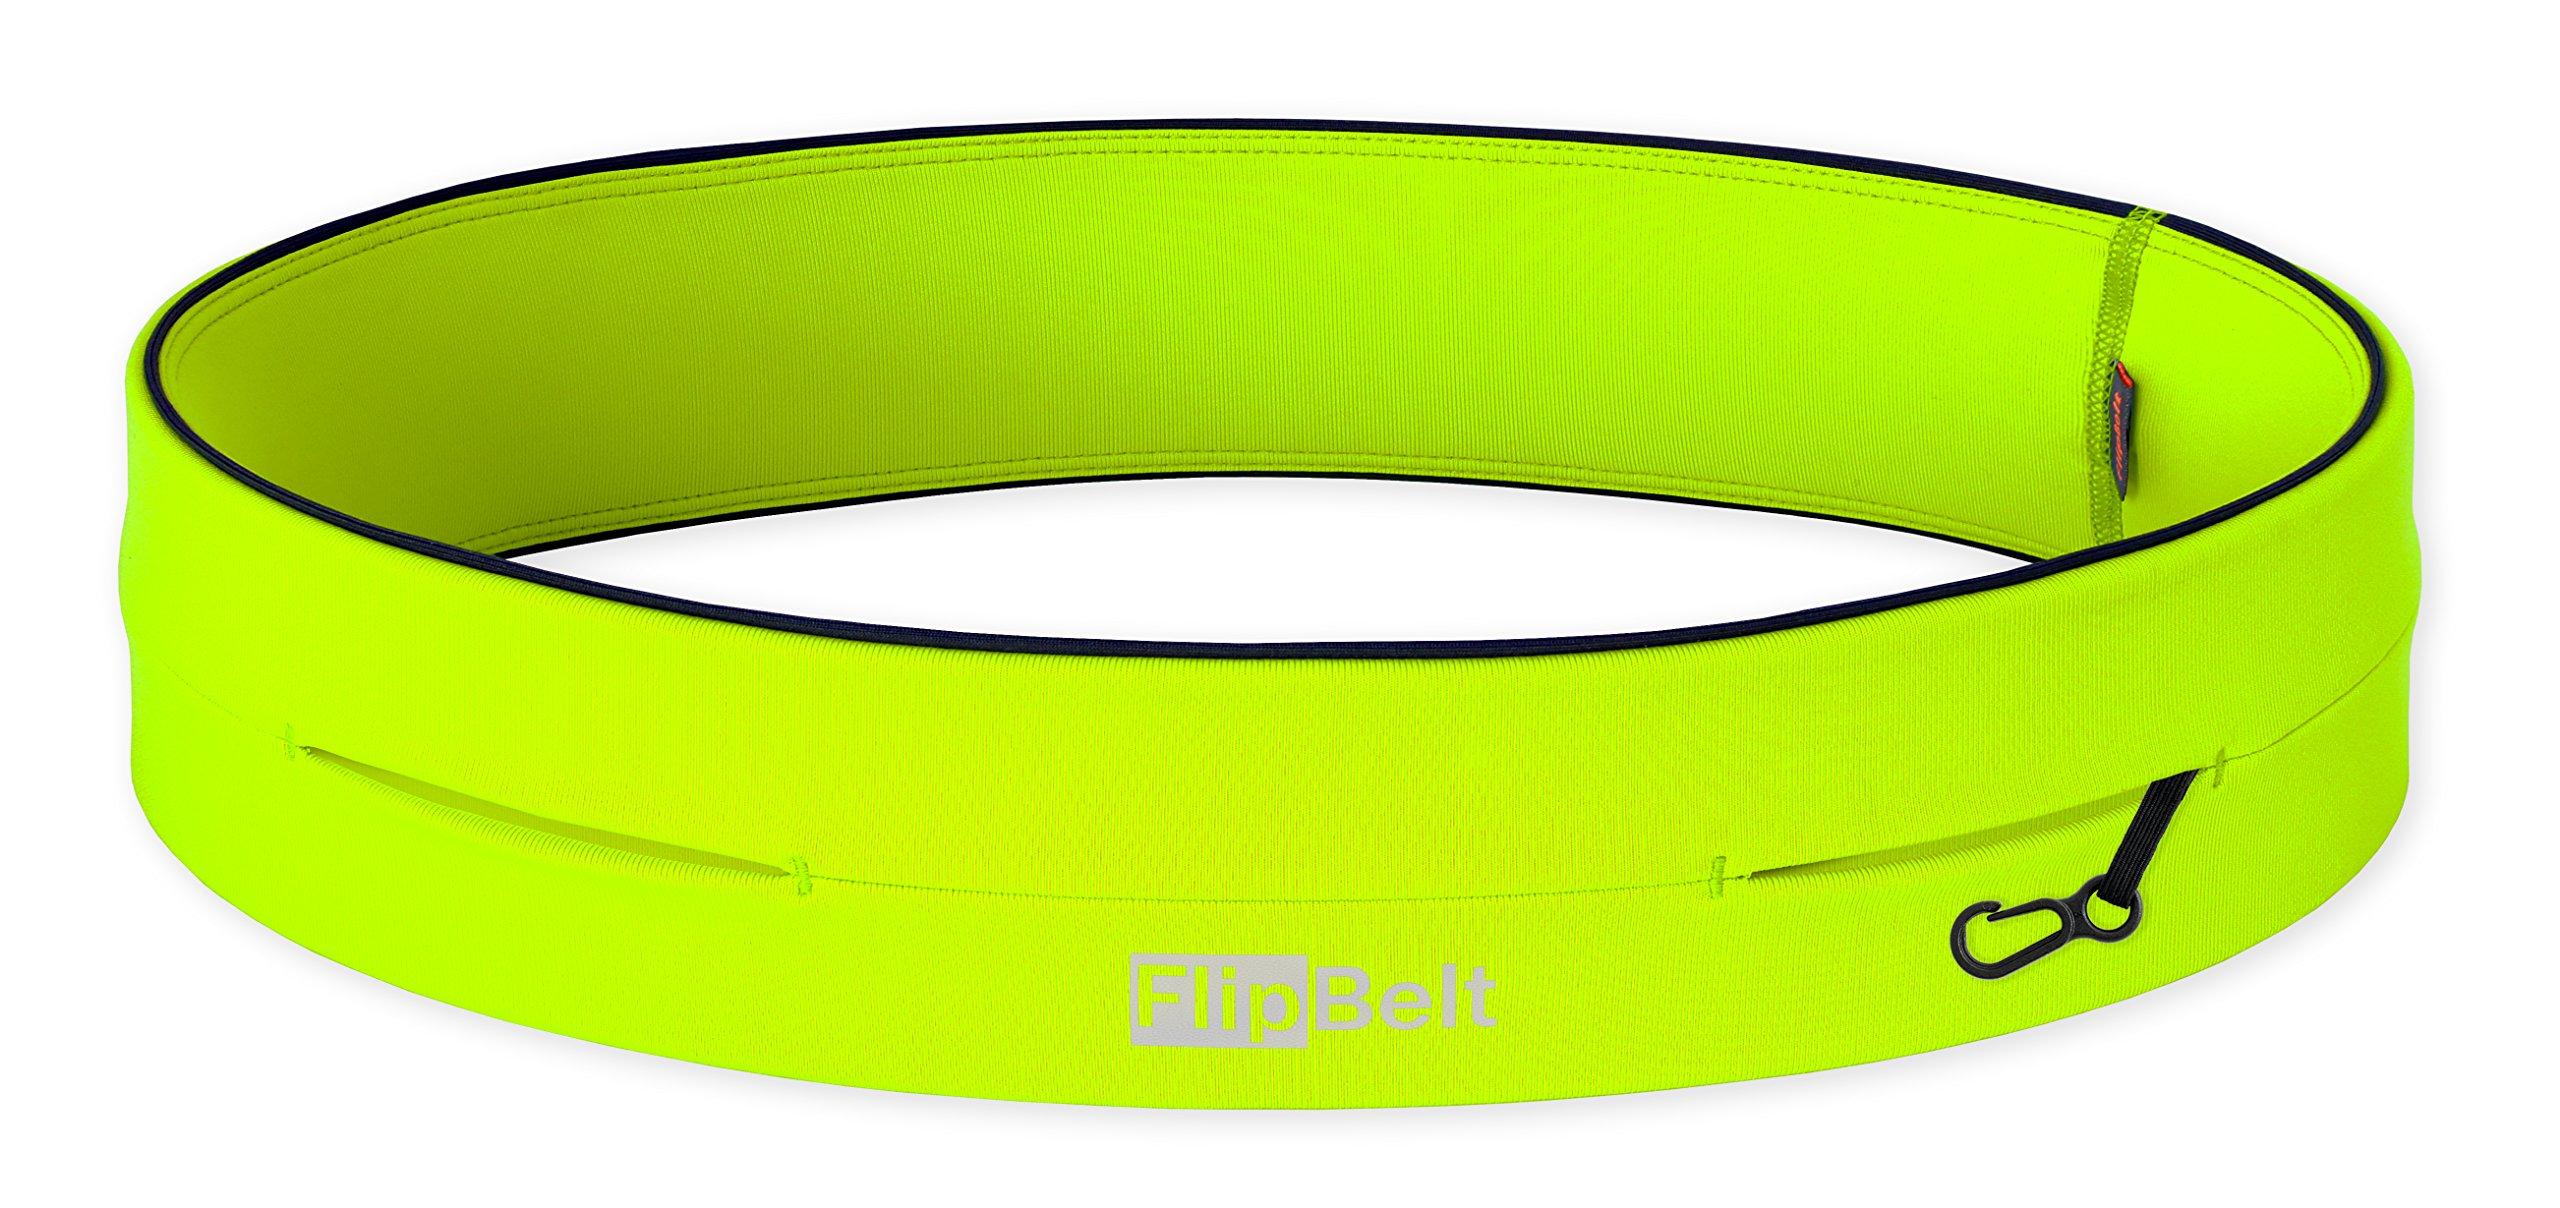 FlipBelt Level Terrain Waist Pouch, Neon Yellow, Small/26-29 by FlipBelt